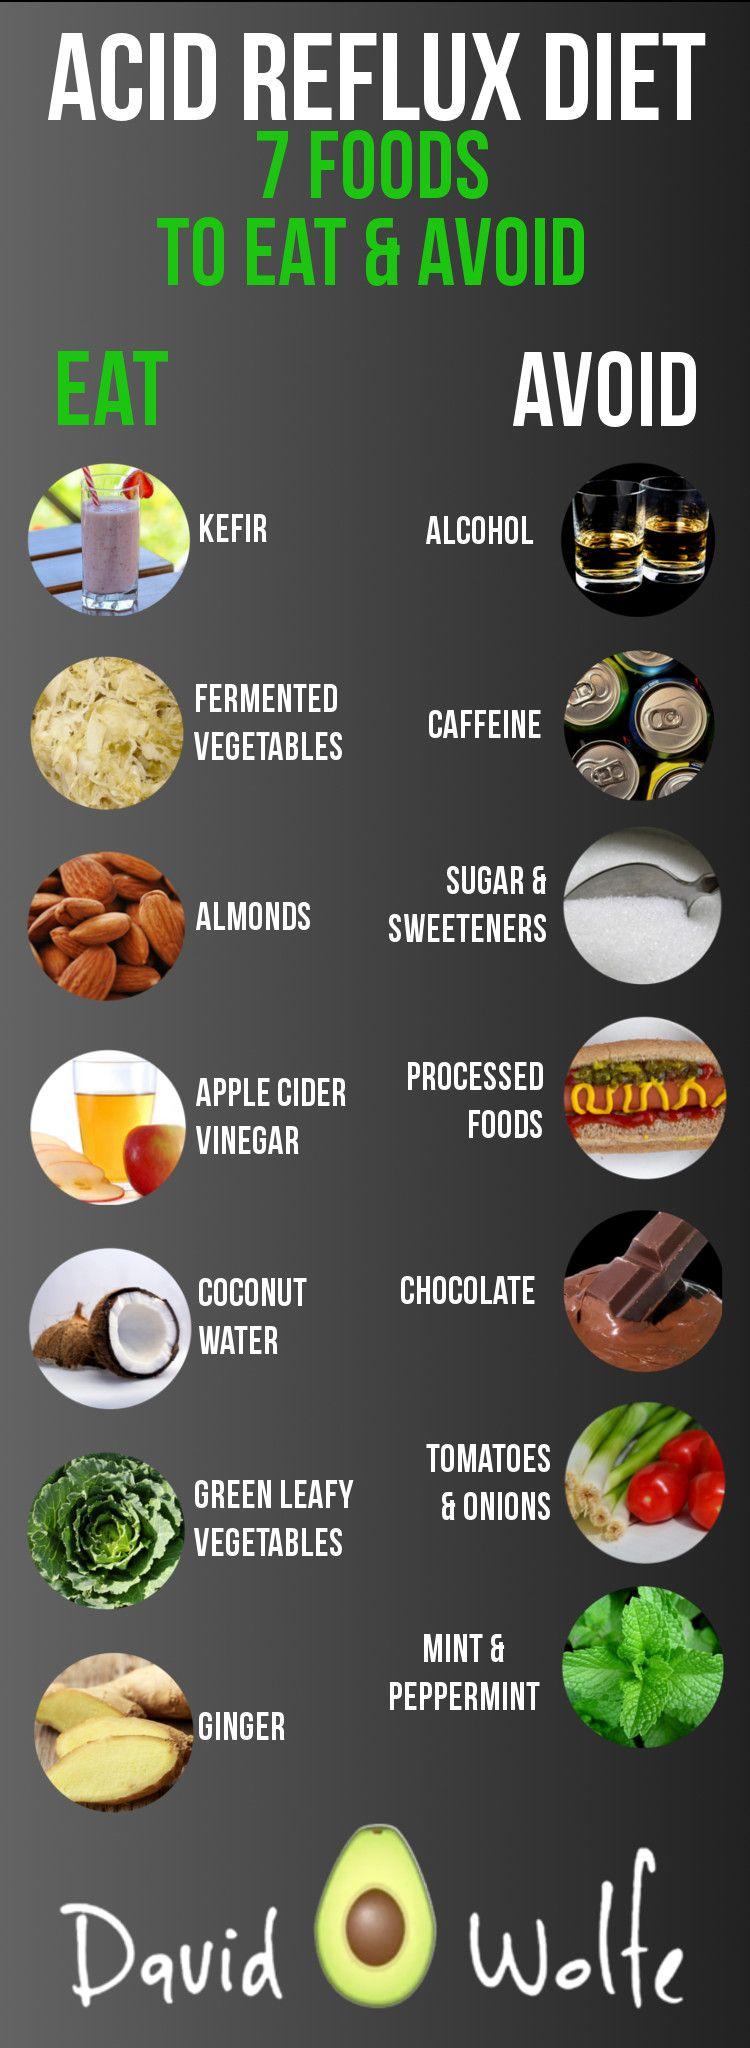 foods for gerd diet